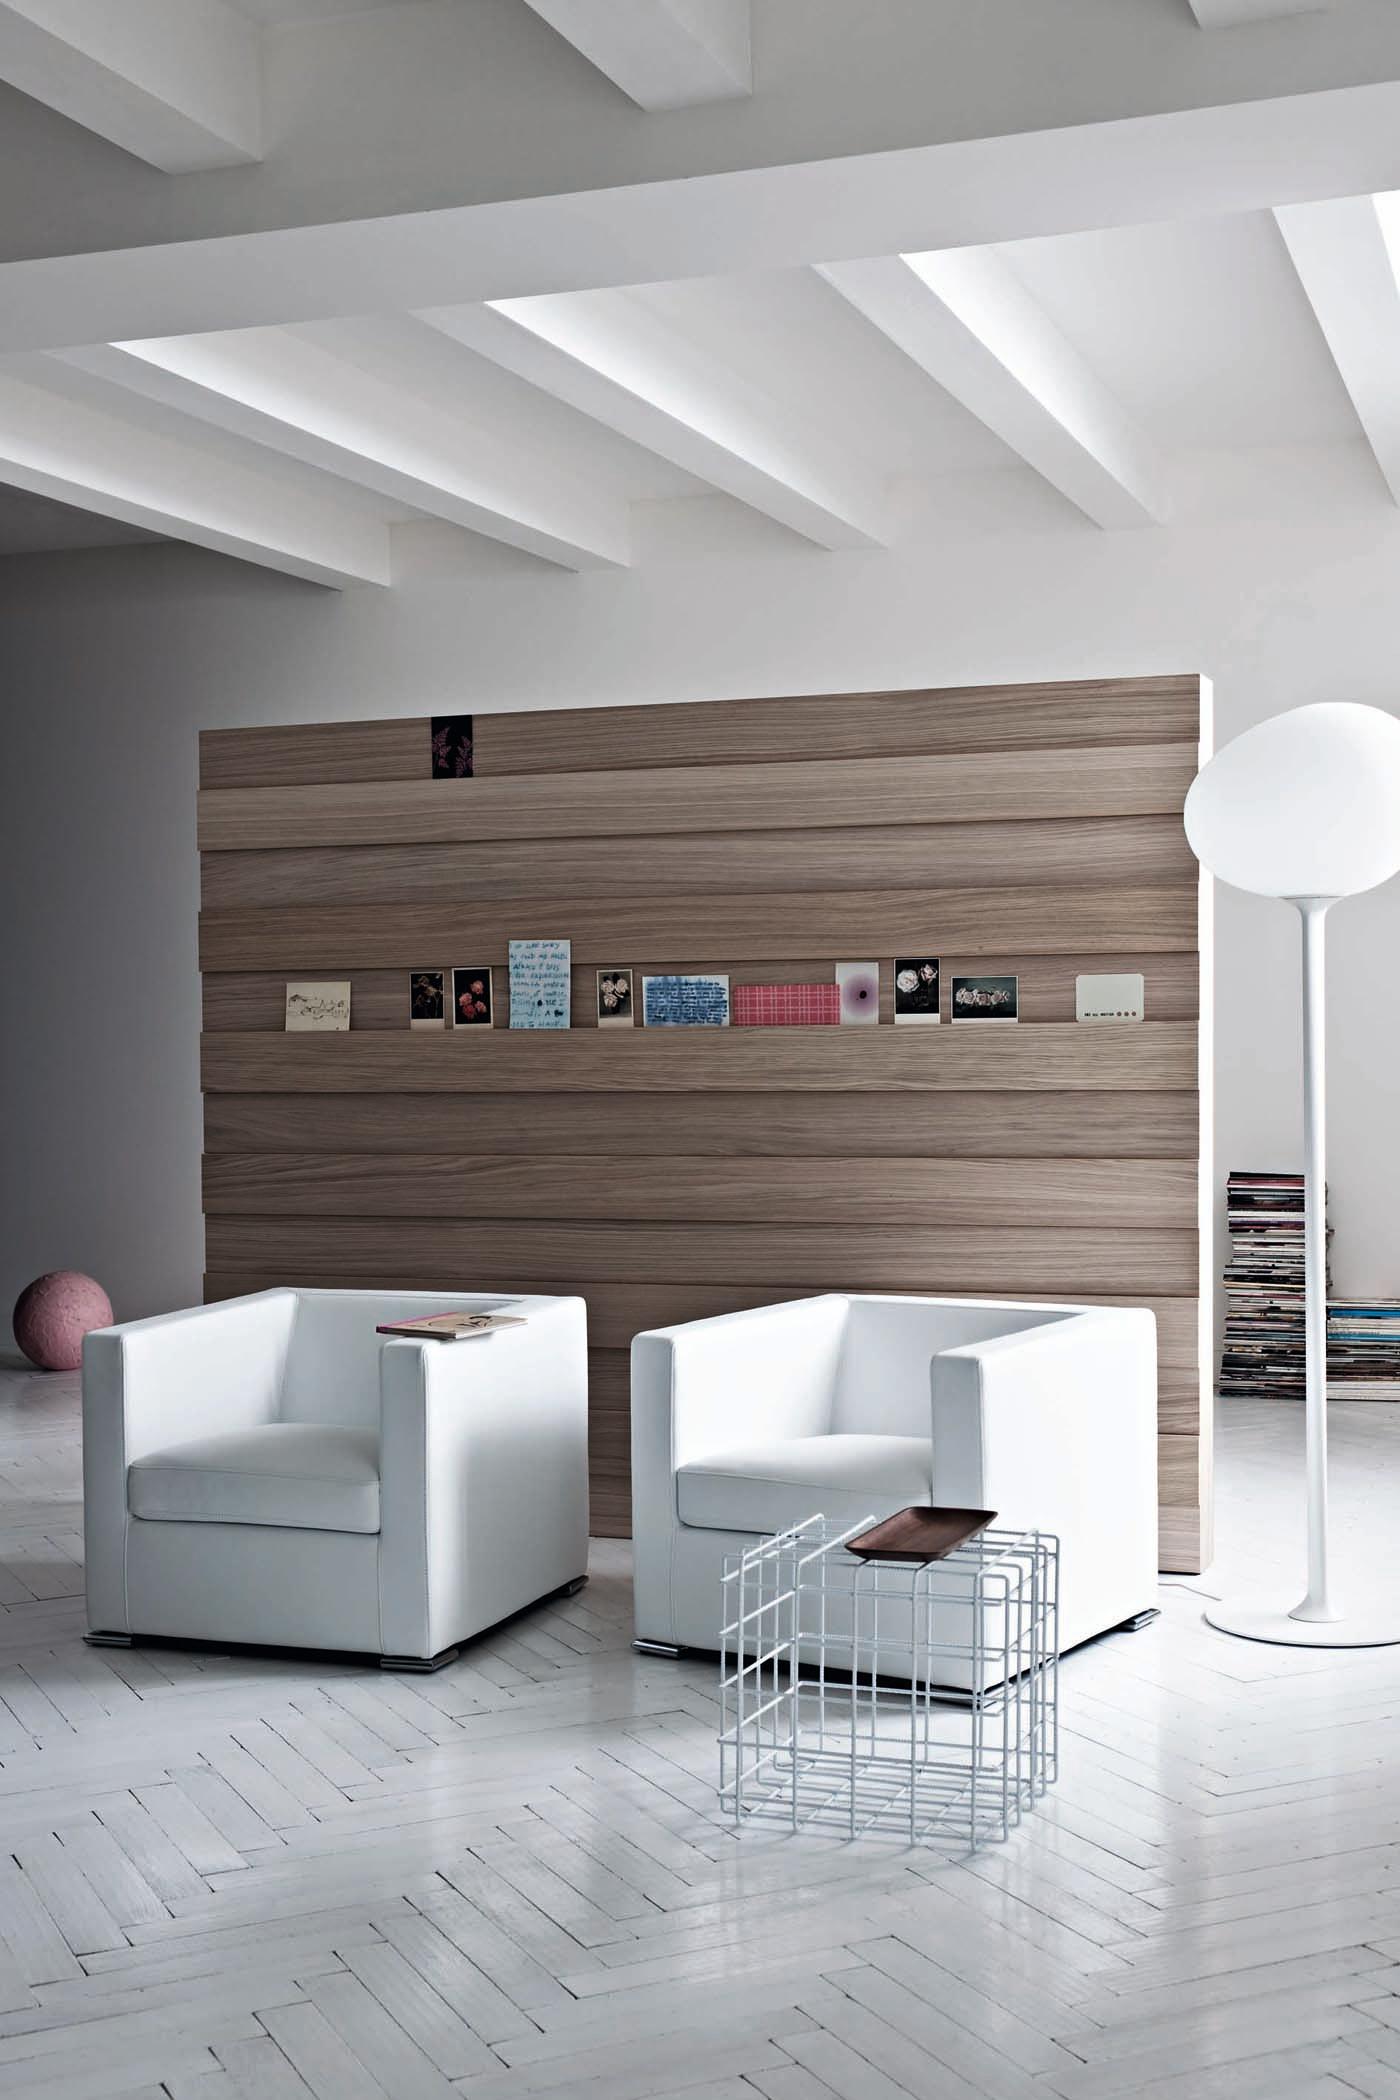 Wundervoll Raumtrenner Holz Foto Von Aus #beistelltisch #wohnzimmer #sessel #stehlampe #raumteiler ©saba